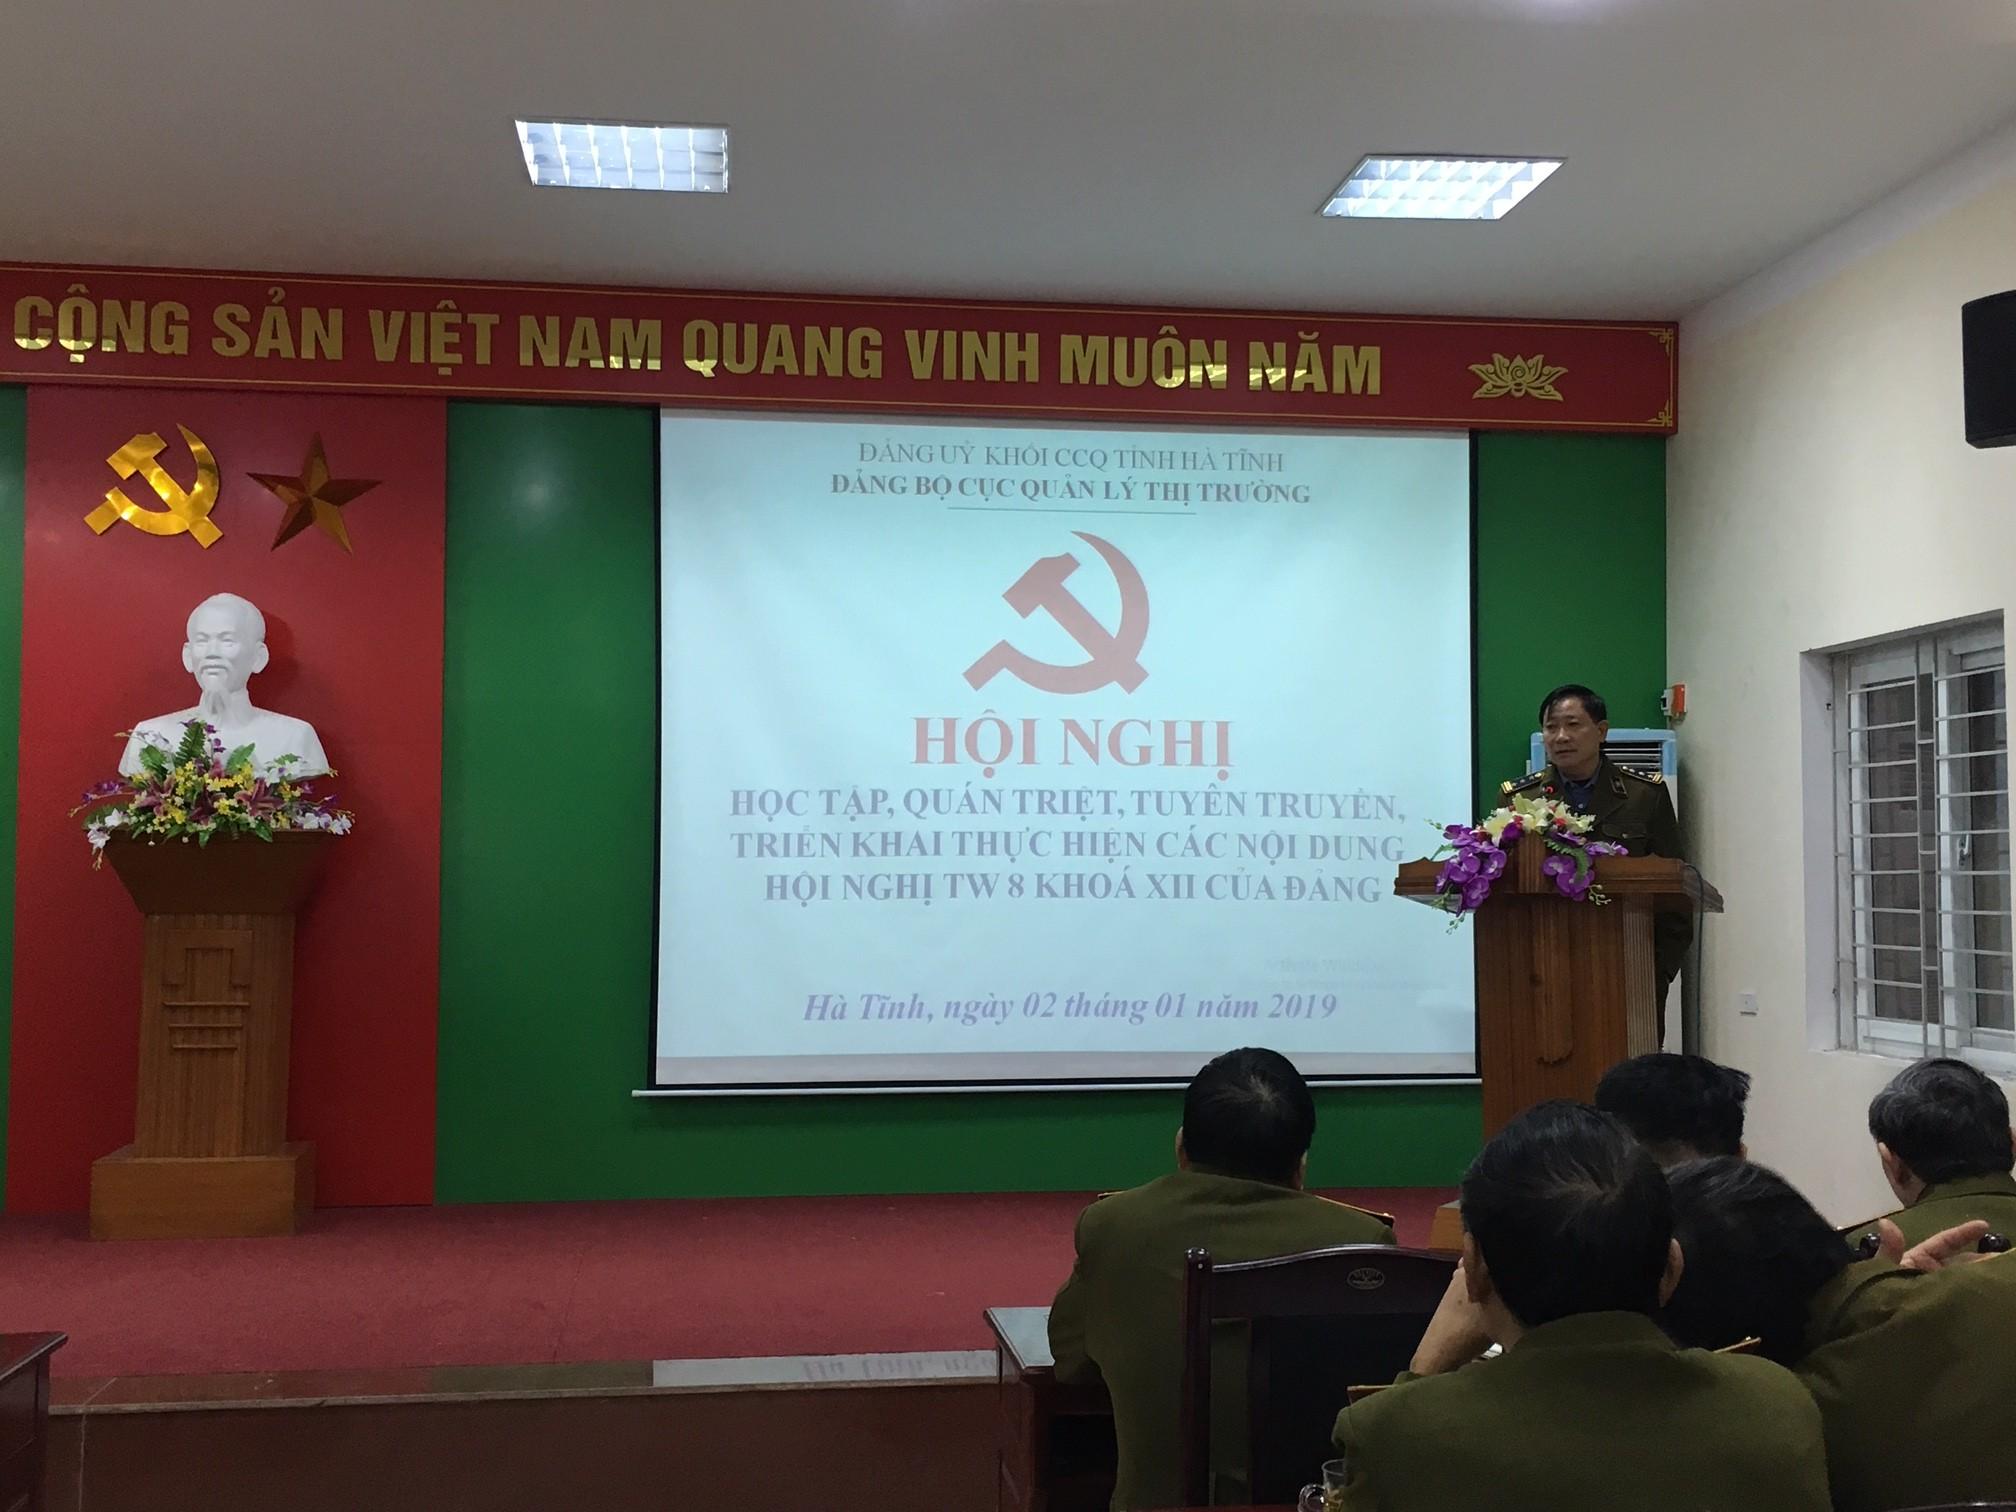 Cục Quản lý thị trường tỉnh Hà Tĩnh tổ chức Hội nghị Học tập, quán triệt, tuyên truyền, triển khai thực hiện các nội dung Hội nghị Trung Ương 8 khoá XII của Đảng